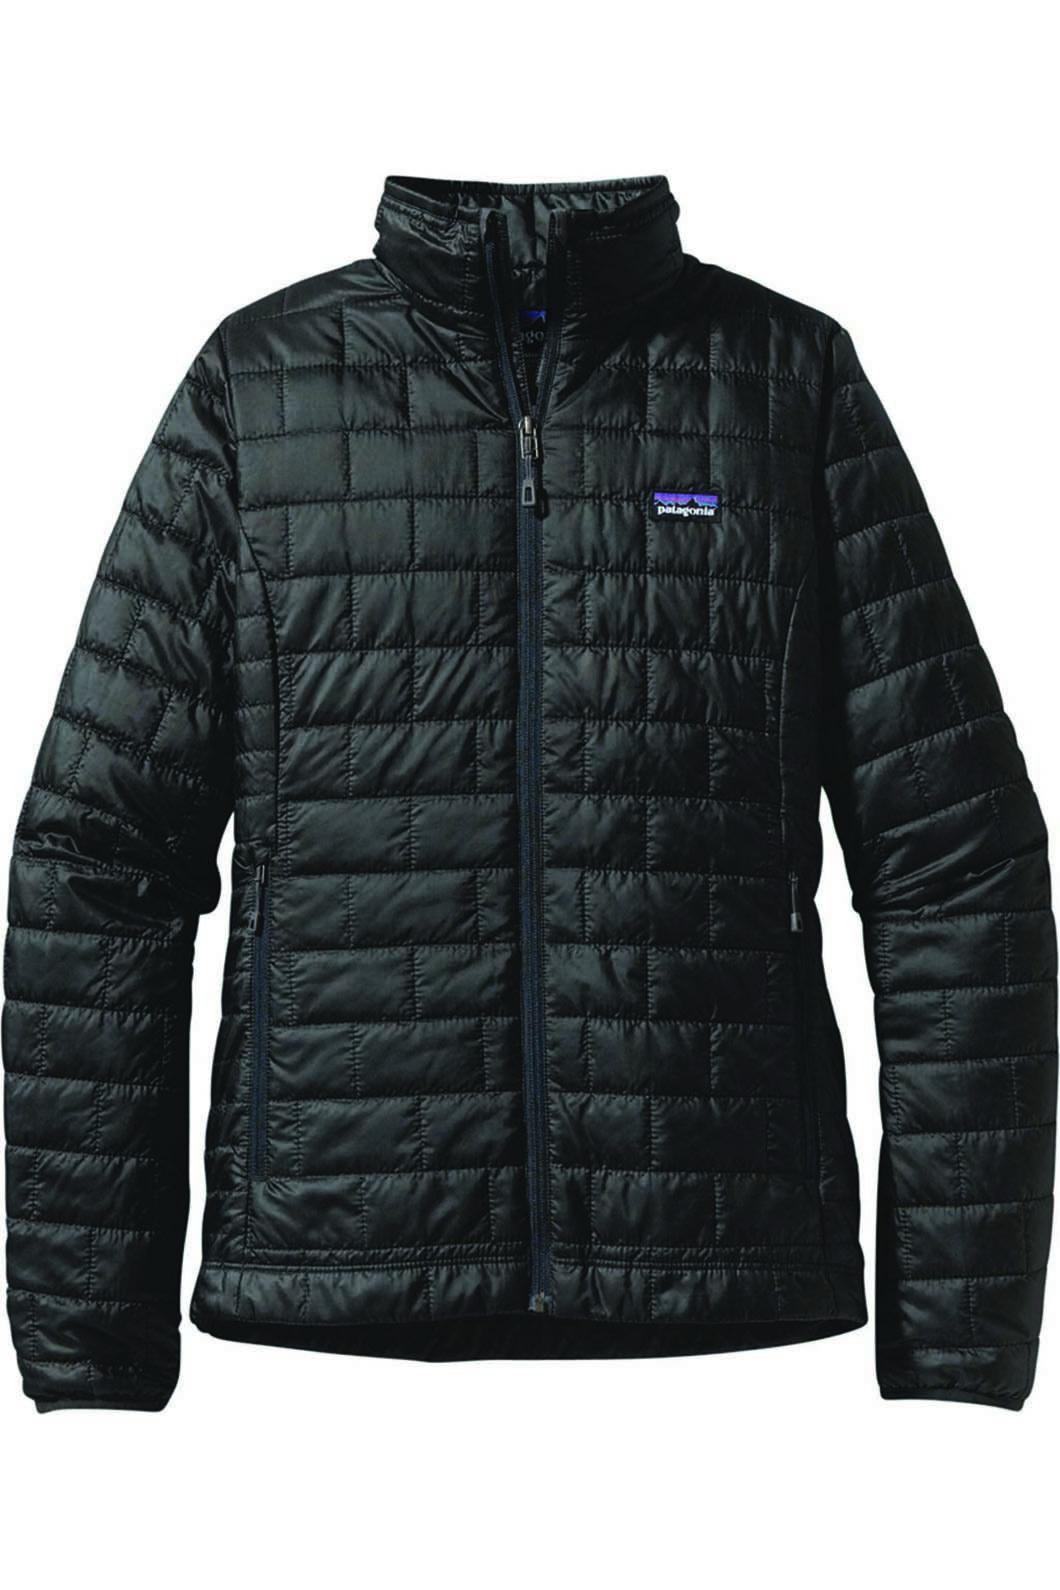 Patagonia Women's Nano Puff Jacket, Black, hi-res